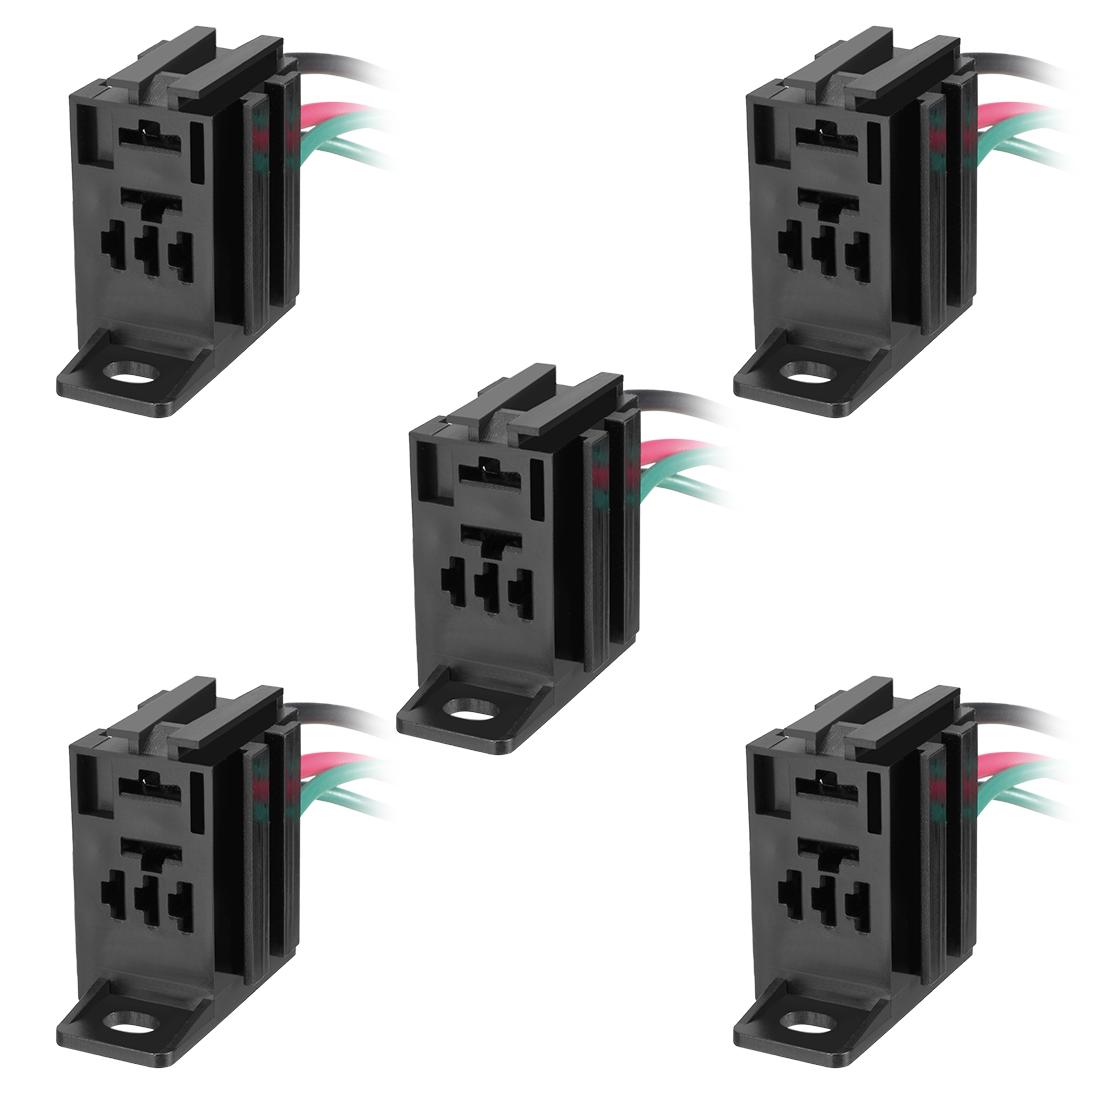 5pcs DC 12V/24V 4 Terminals Relay Socket Harness Connector for Car Truck